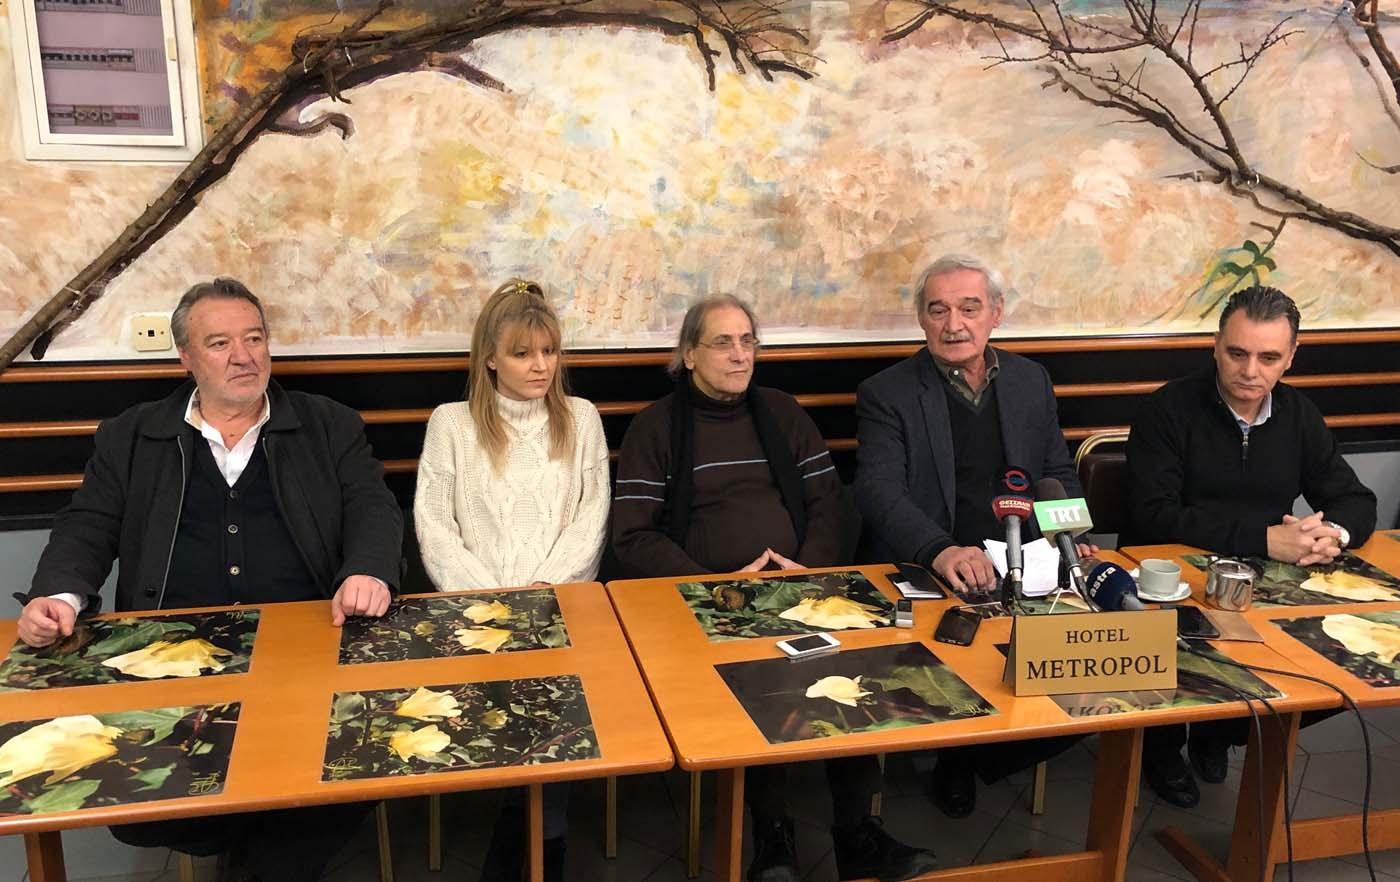 Χουντής από Λάρισα: Η Ελλάδα προτεκτοράτο των Αμερικανών και οικονομική αποικία της νεοφιλελεύθερης Γερμανικής Ευρώπης